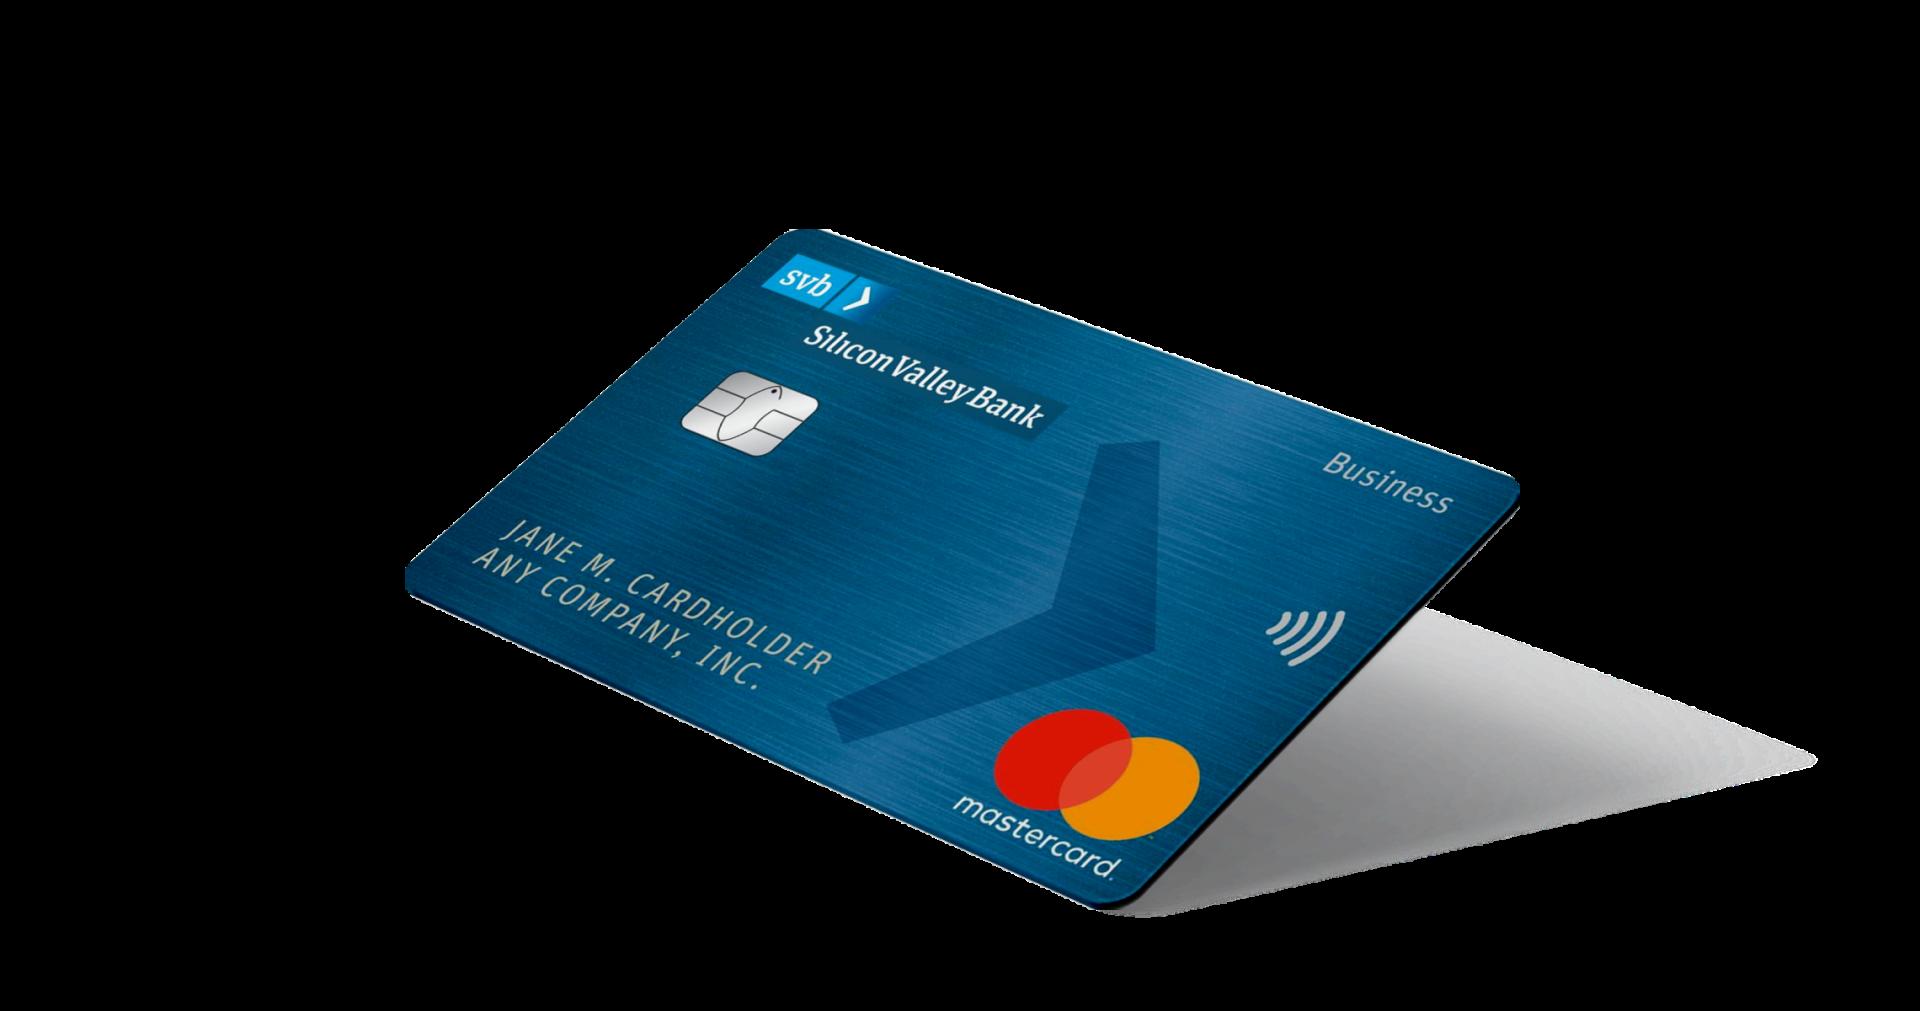 Silicon Valley Bank Card